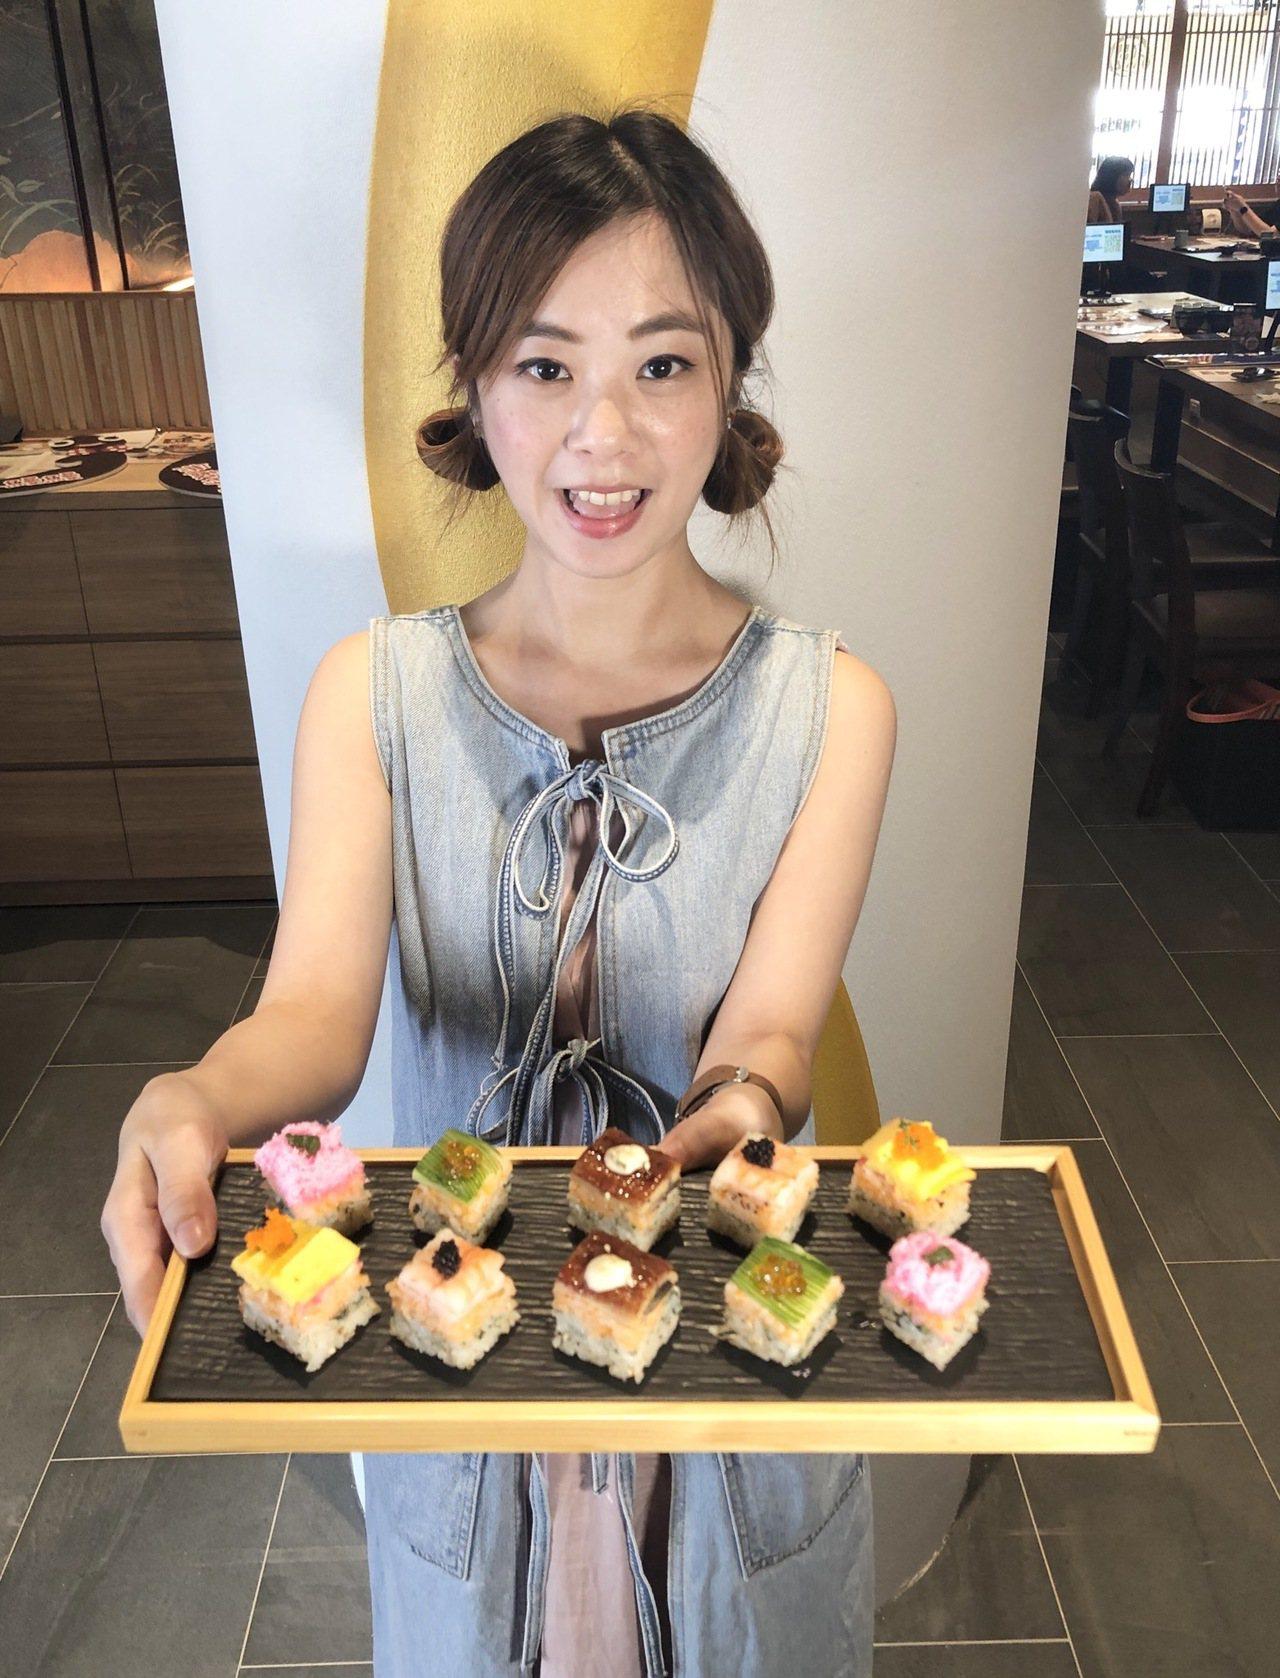 鰻魚壽司蛋糕是時下重視覺感的網美系菜色。記者宋健生/攝影